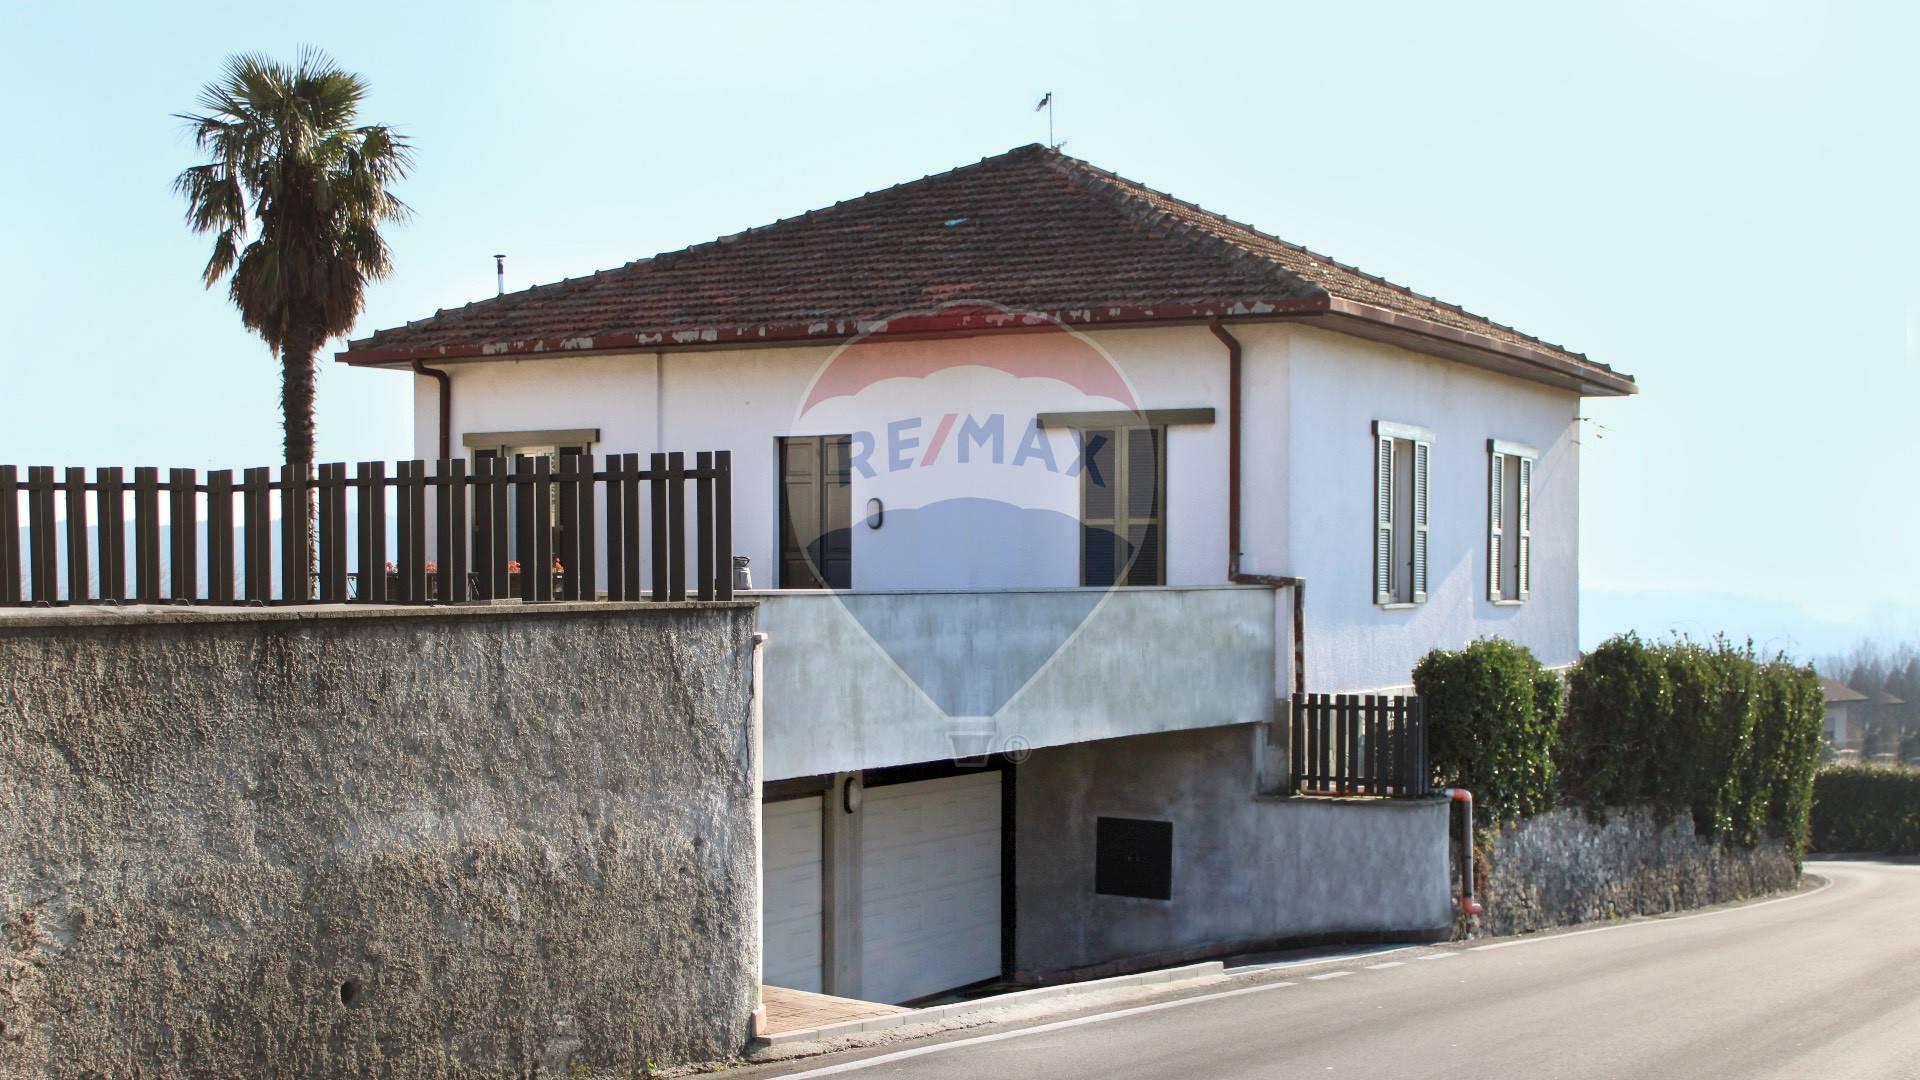 Soluzione Indipendente in vendita a Clivio, 5 locali, prezzo € 400.000 | CambioCasa.it